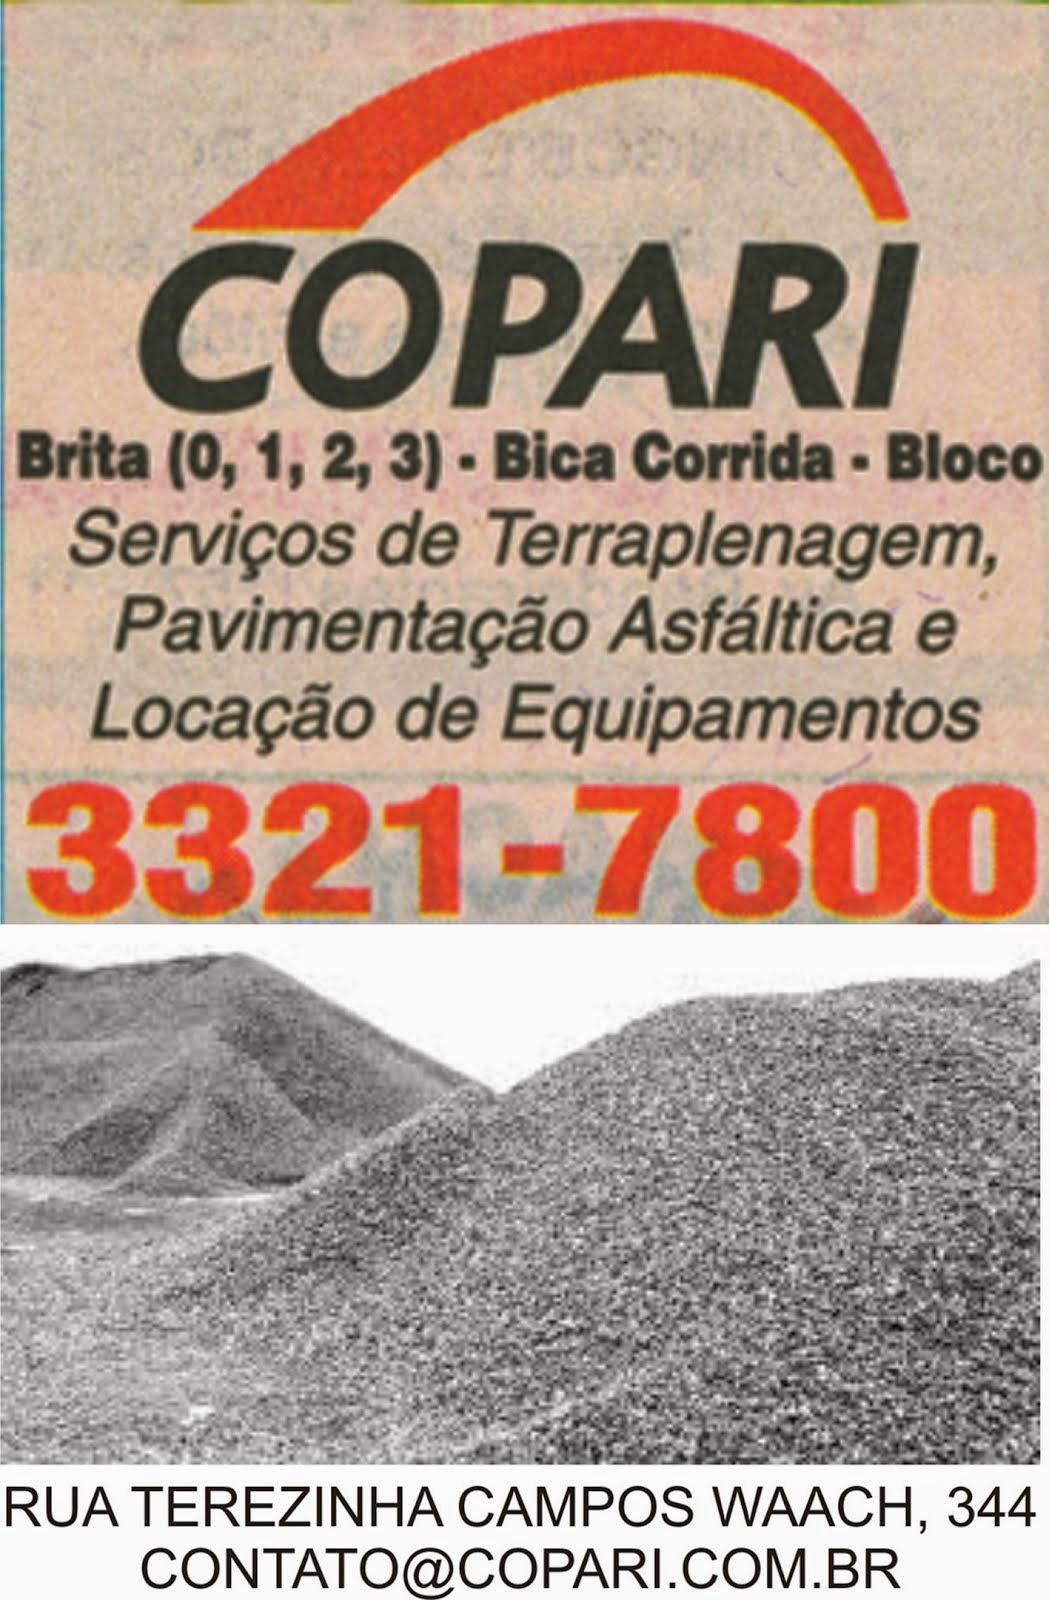 COPARI